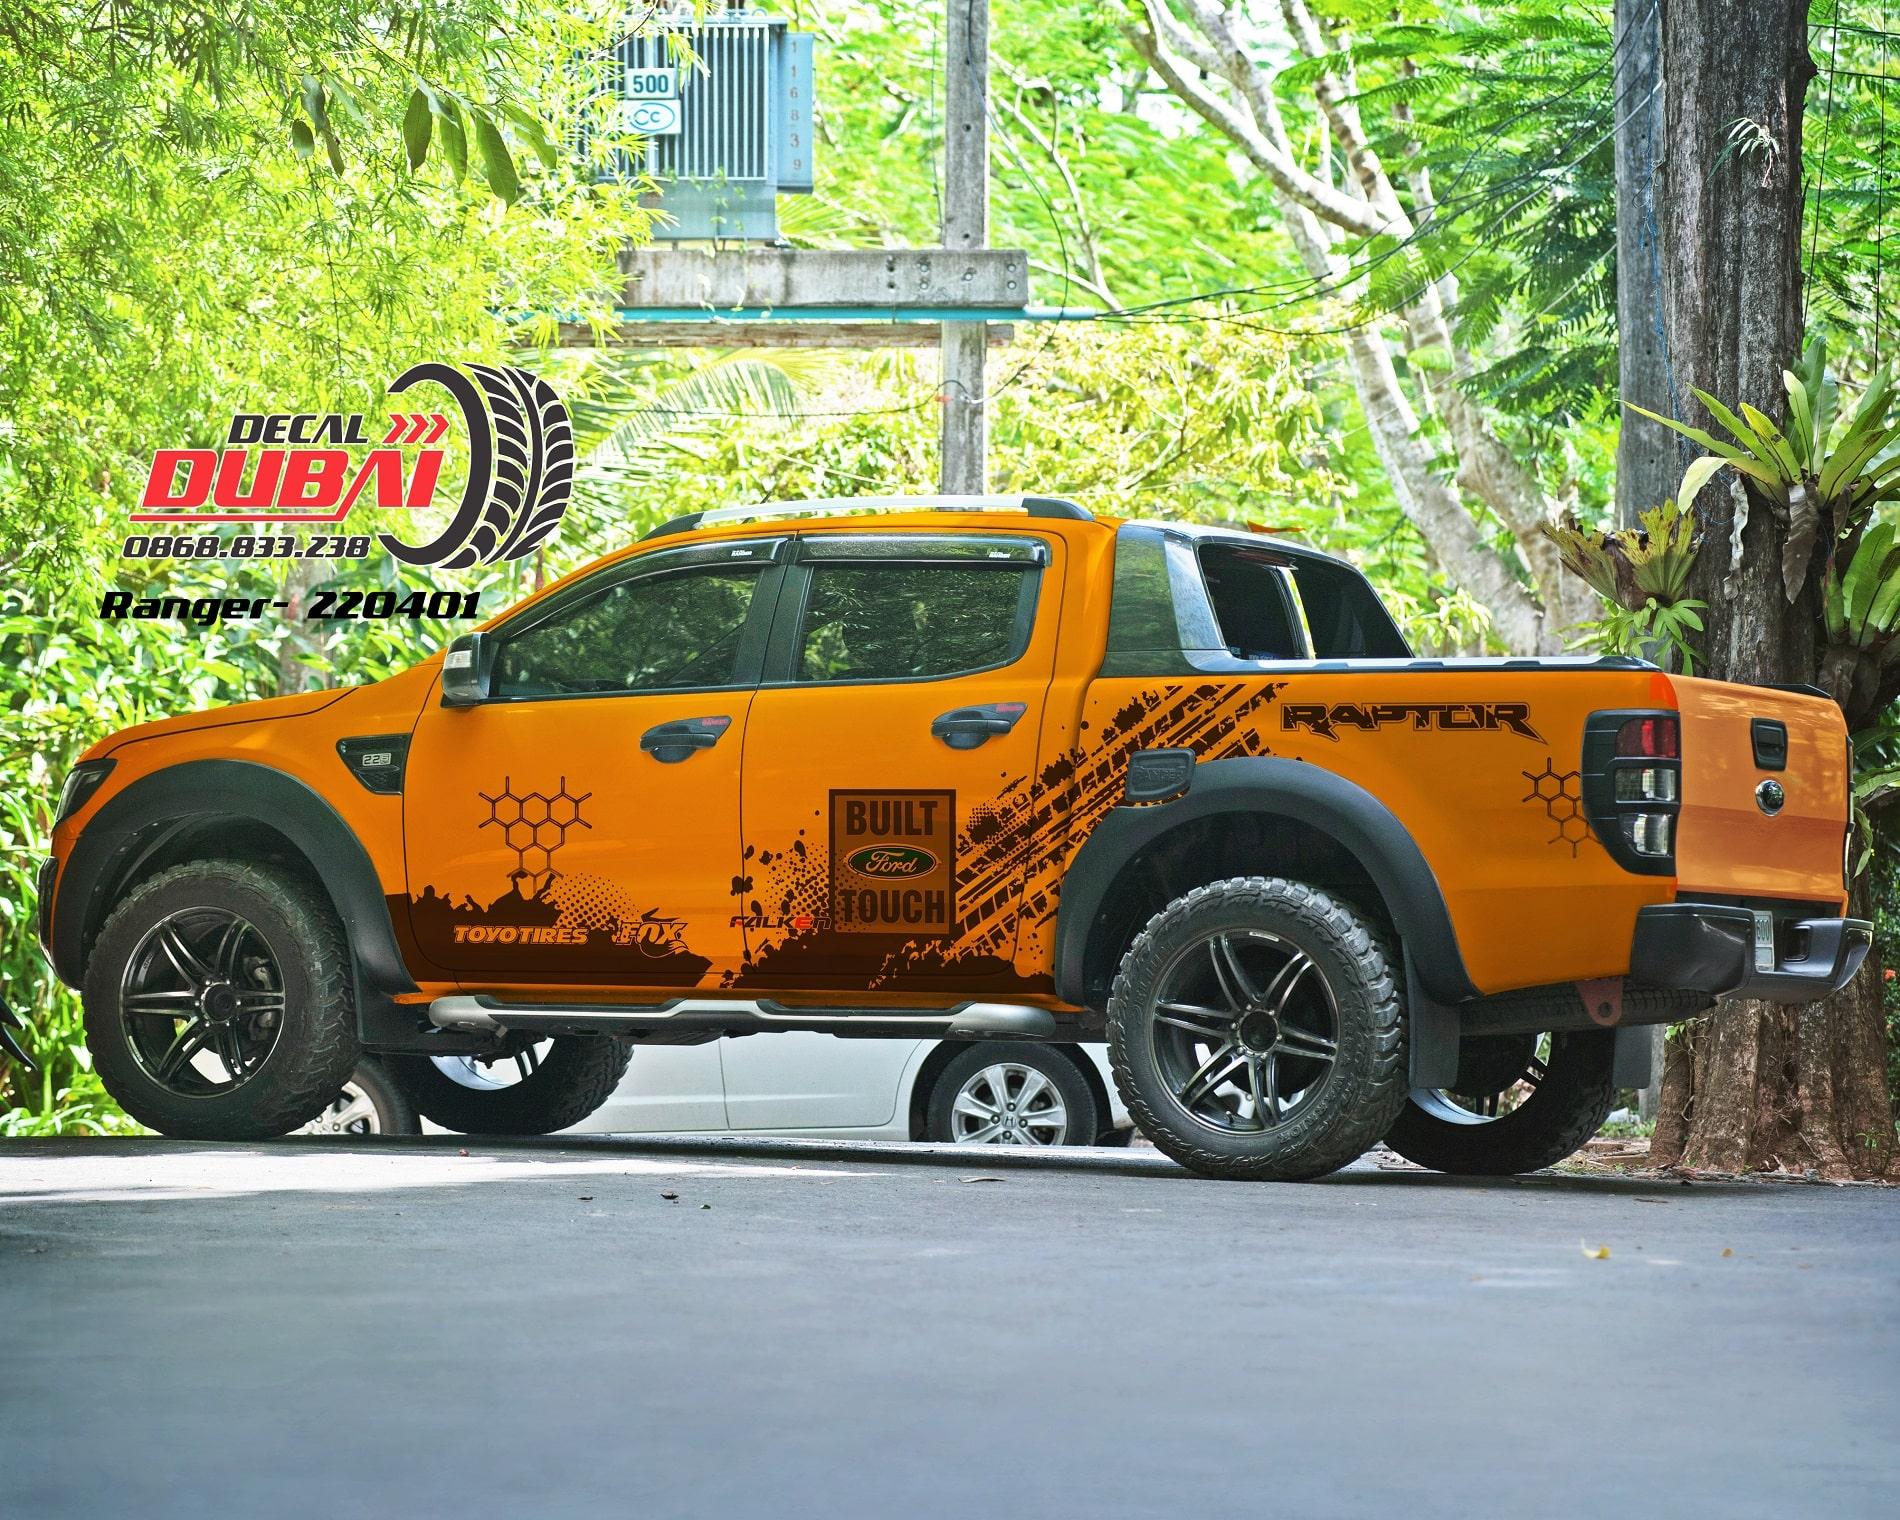 Tem-xe-ranger-2220401-1450k-min